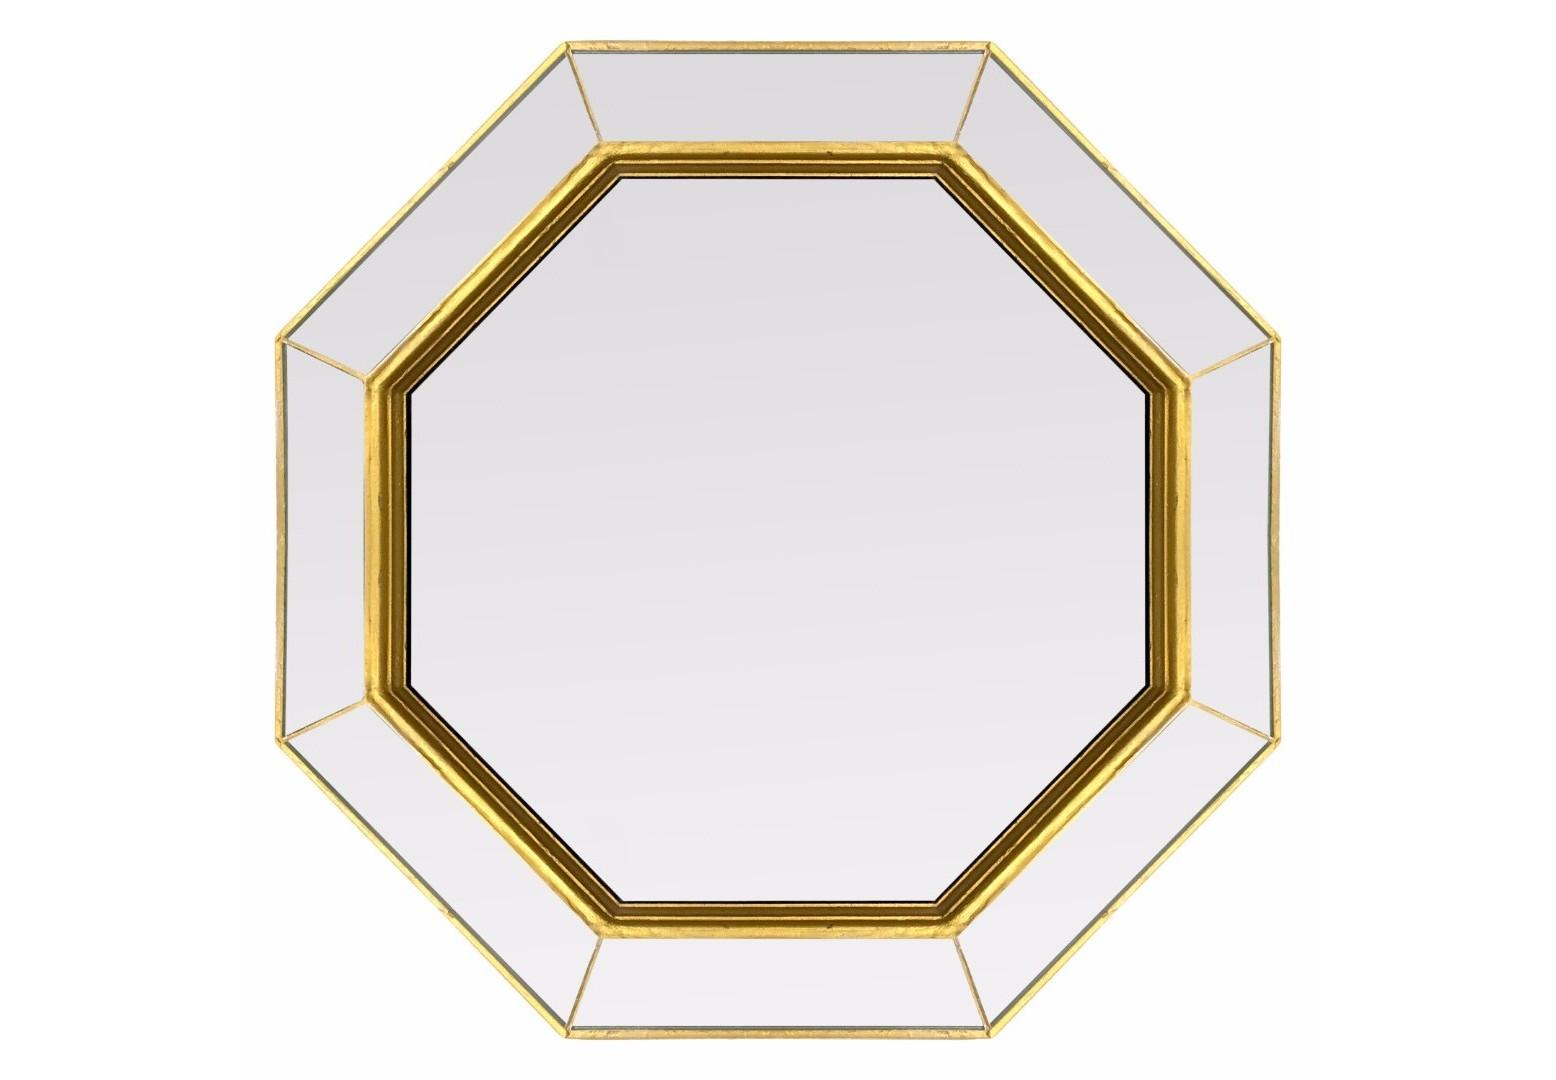 Зеркало BountyHome 15435716 от thefurnish